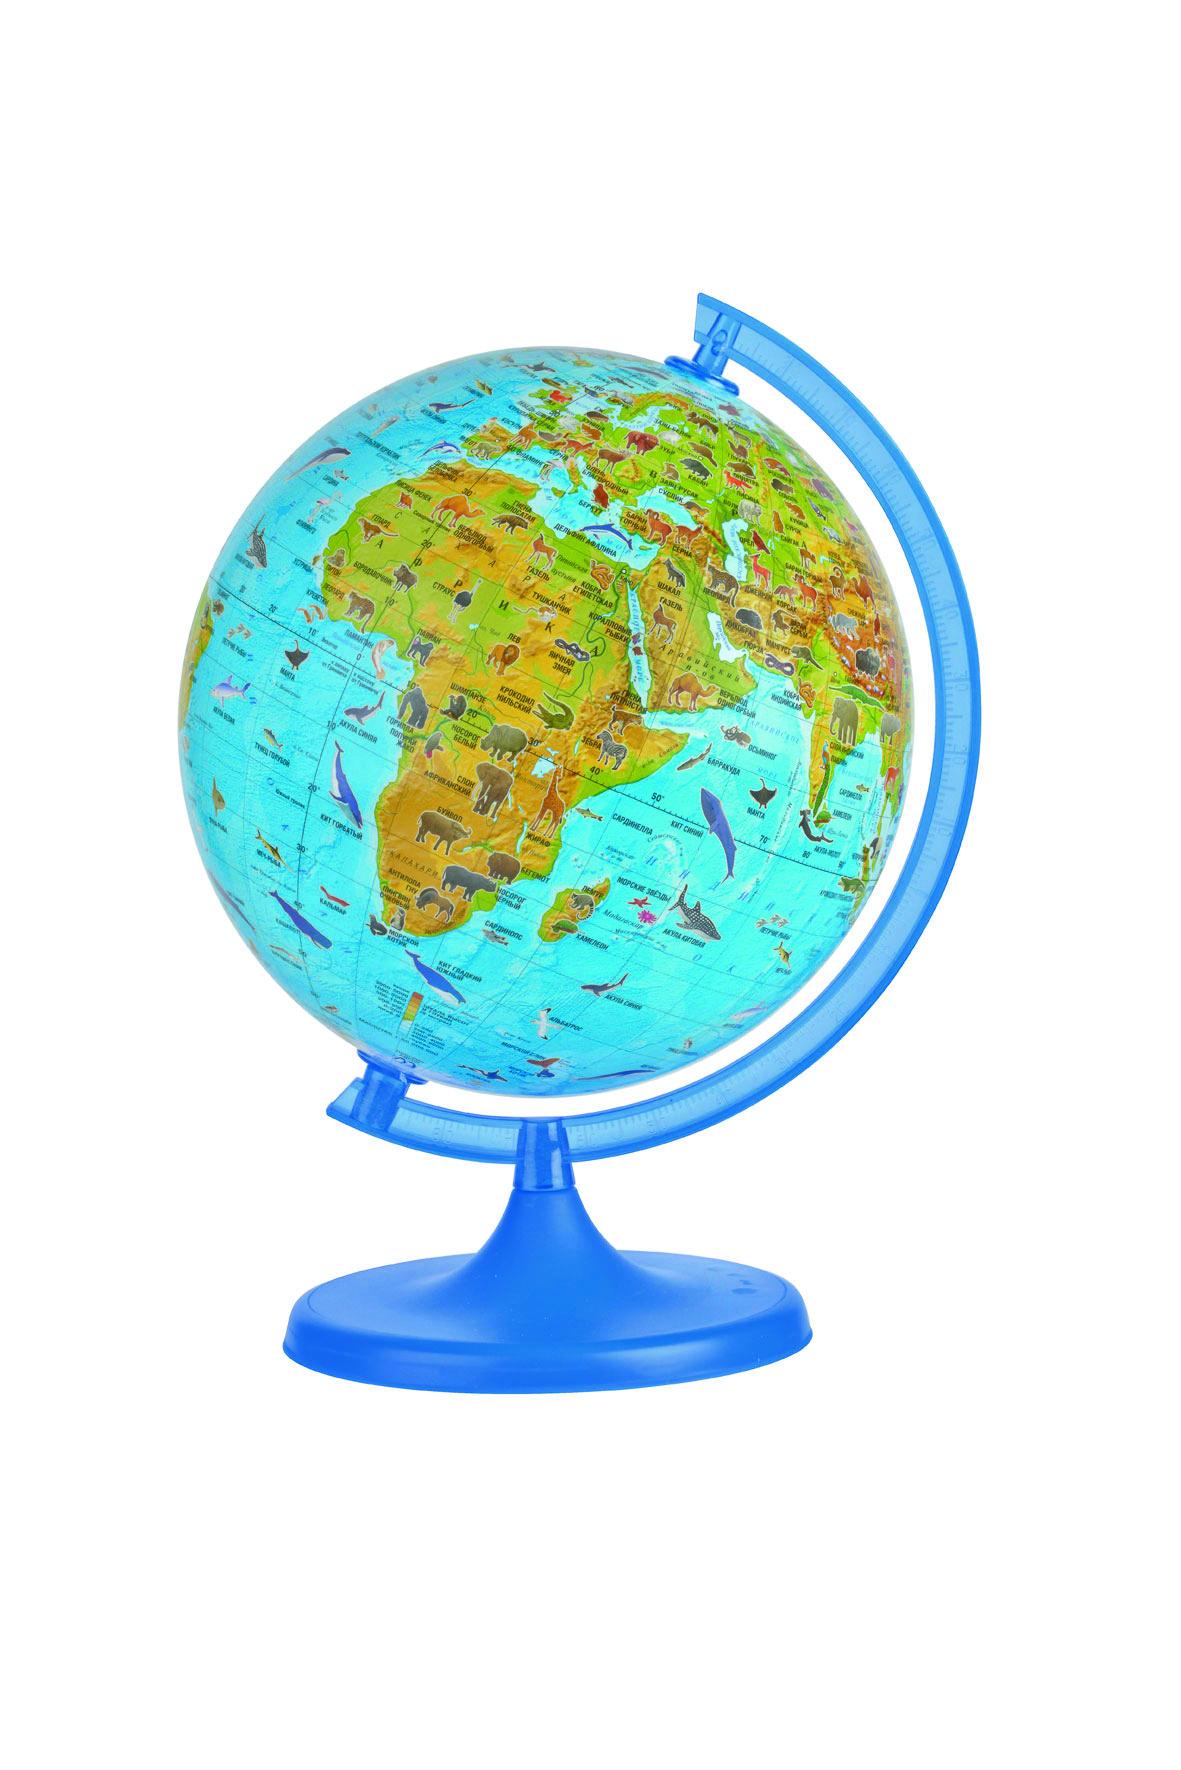 Глобус DMB, с зоологической картой мира, диаметр 22 см + Мини-энциклопедия Животный Мир Земли1065223Зоологический глобус DMB изготовлен из высококачественногопрочного пластика. На сфере зоологического глобуса изображены материки и океаны, а также места проживания животных и рыб. На глобусе отображены самые известные животные, наиболее характерные для той или иной среды обитания. Изделие расположено на подставке. Географические названия на глобусе приведены на русском языке. Сделайте первый шаг в стимулирование своего обучения! К глобусу прилагается мини-энциклопедия Животный Мир Земли, которая обязательно поможет детям и их родителям открыть для себя что-то новое в изучении животного мира нашей удивительной планеты.Настольный глобус DMB станет оригинальным украшением рабочегостола или вашего кабинета. Это изысканная вещь для стильного интерьера,которая станет прекрасным подарком для современного преуспевающегочеловека, следующего последним тенденциям моды и стремящегося кэлегантности и комфорту в каждой детали.Высота глобуса с подставкой: 33 см.Диаметр глобуса: 22 см.Масштаб: 1:60 000 000.